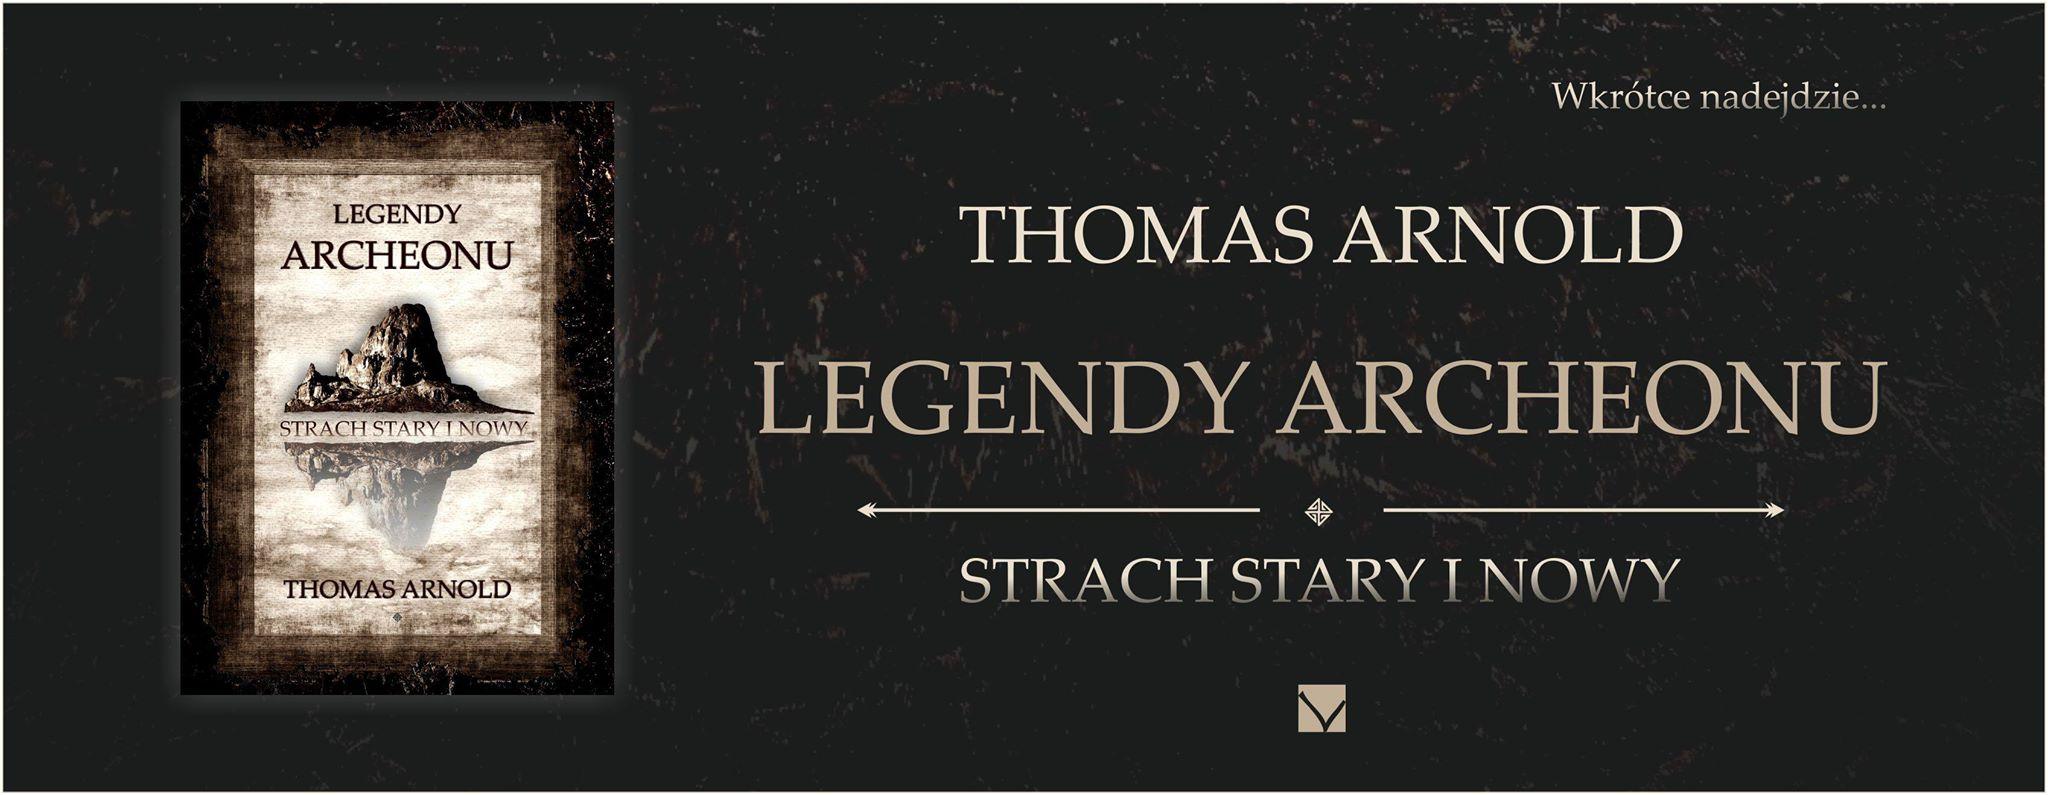 BANER2 Thomas Arnold- Legendy Archeonu. Strach  stary i  nowy [ZAPOWIEDŹ]